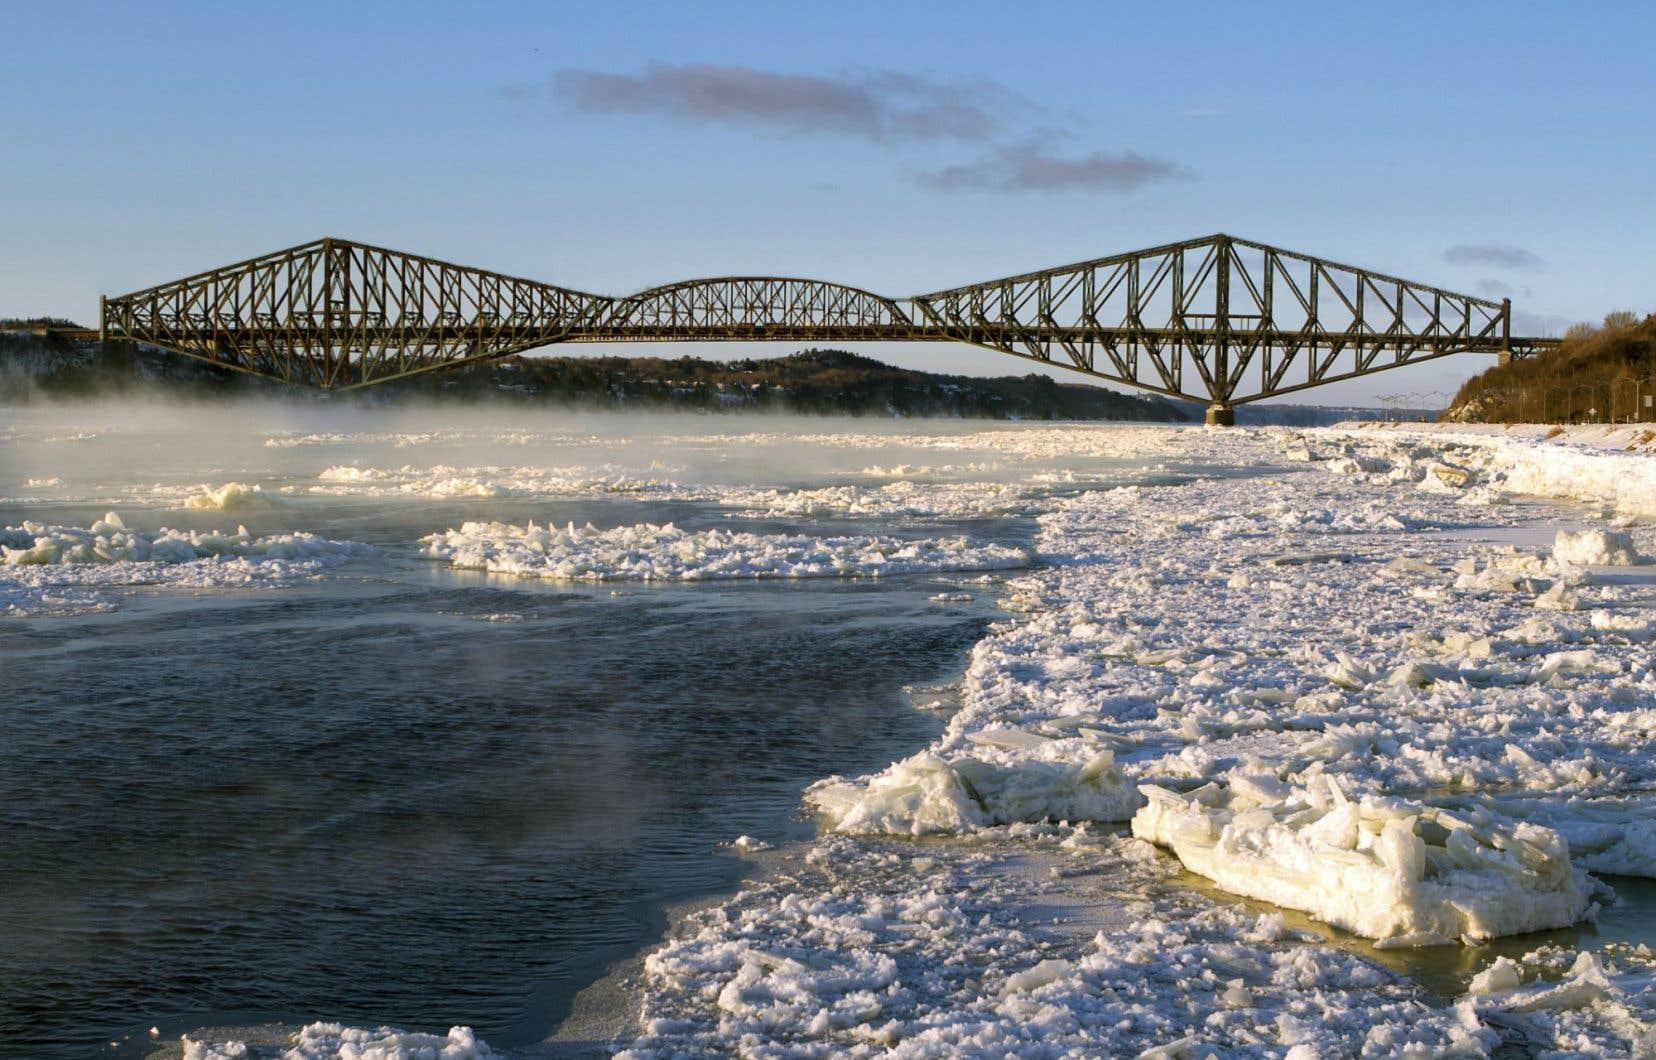 Québec et Lévis demandent à la compagnie propriétaire du pont de repeindre la vieille structure dont l'enveloppe croule sous la rouille.